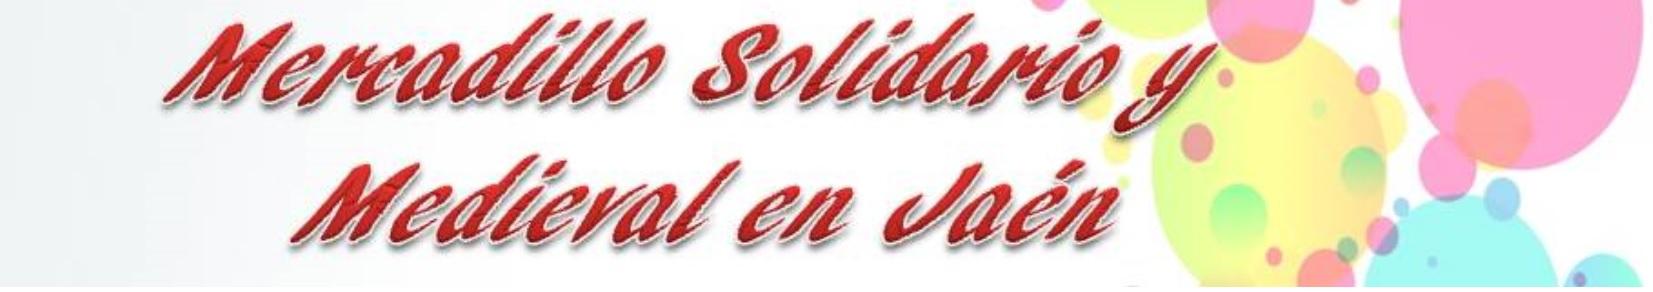 Aspace Jaén participará en el mercadillo solidario y medieval